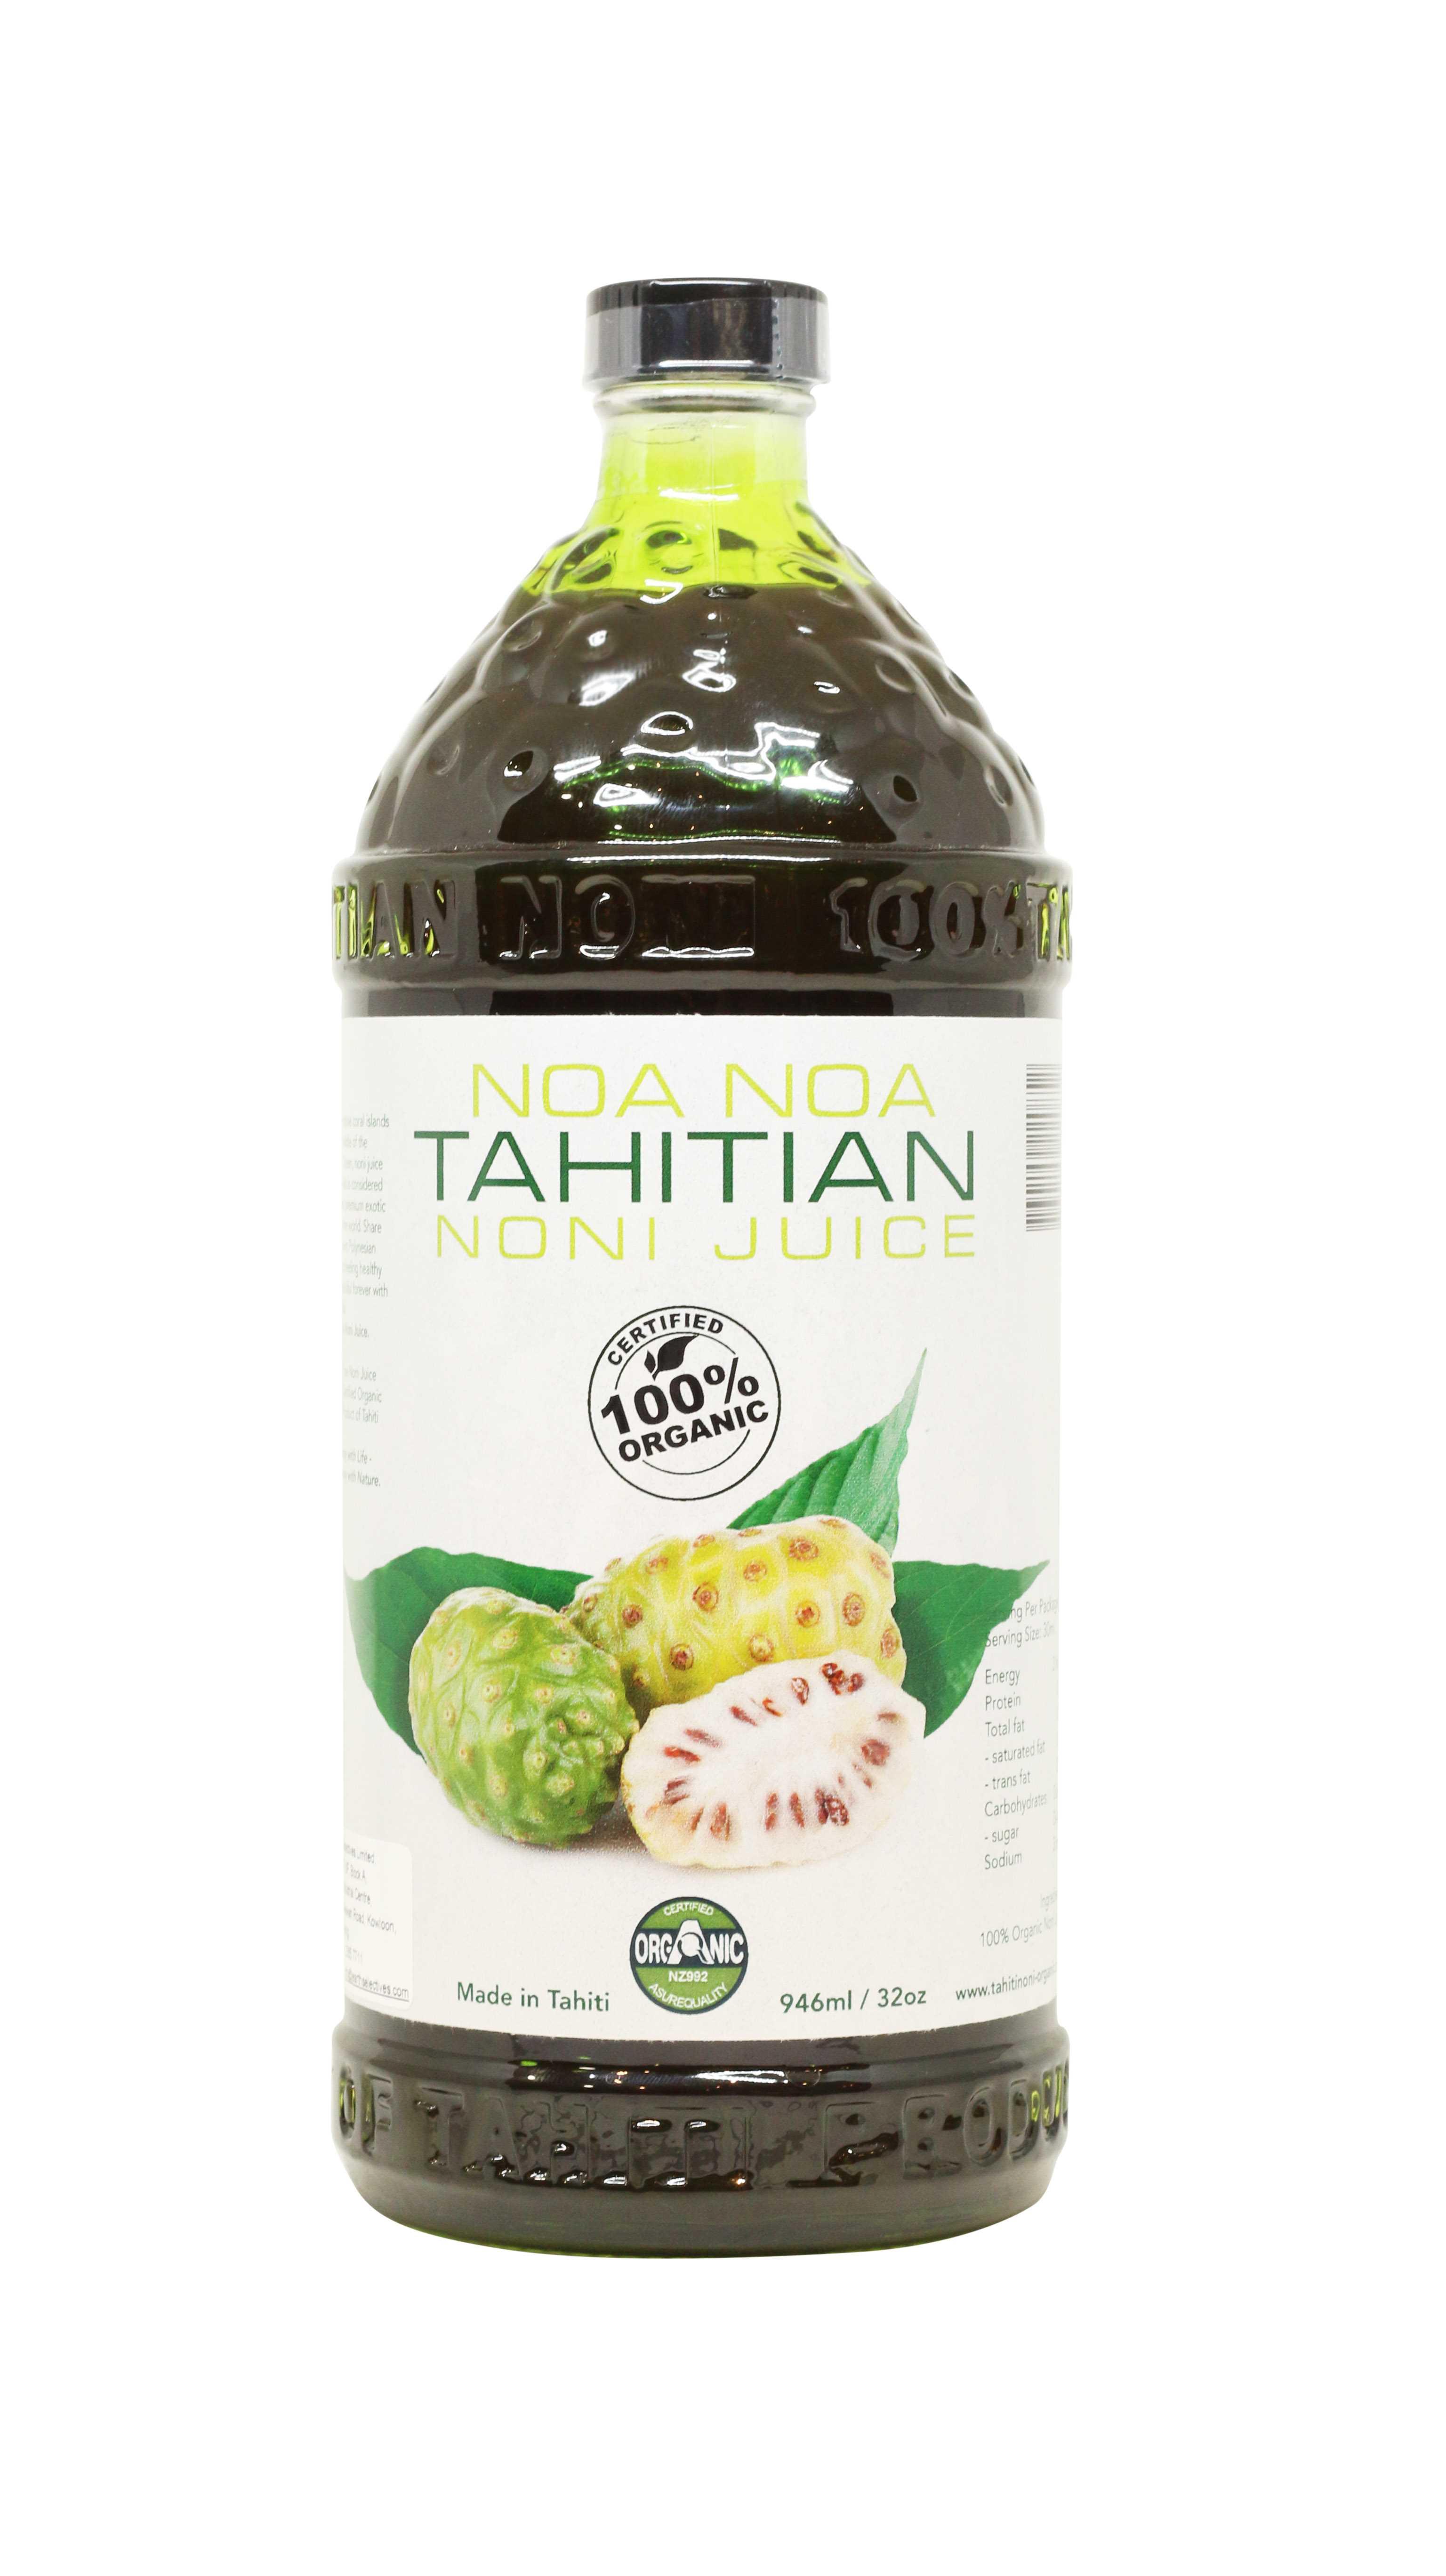 Noanoa Tahitian Organic Noni Juice